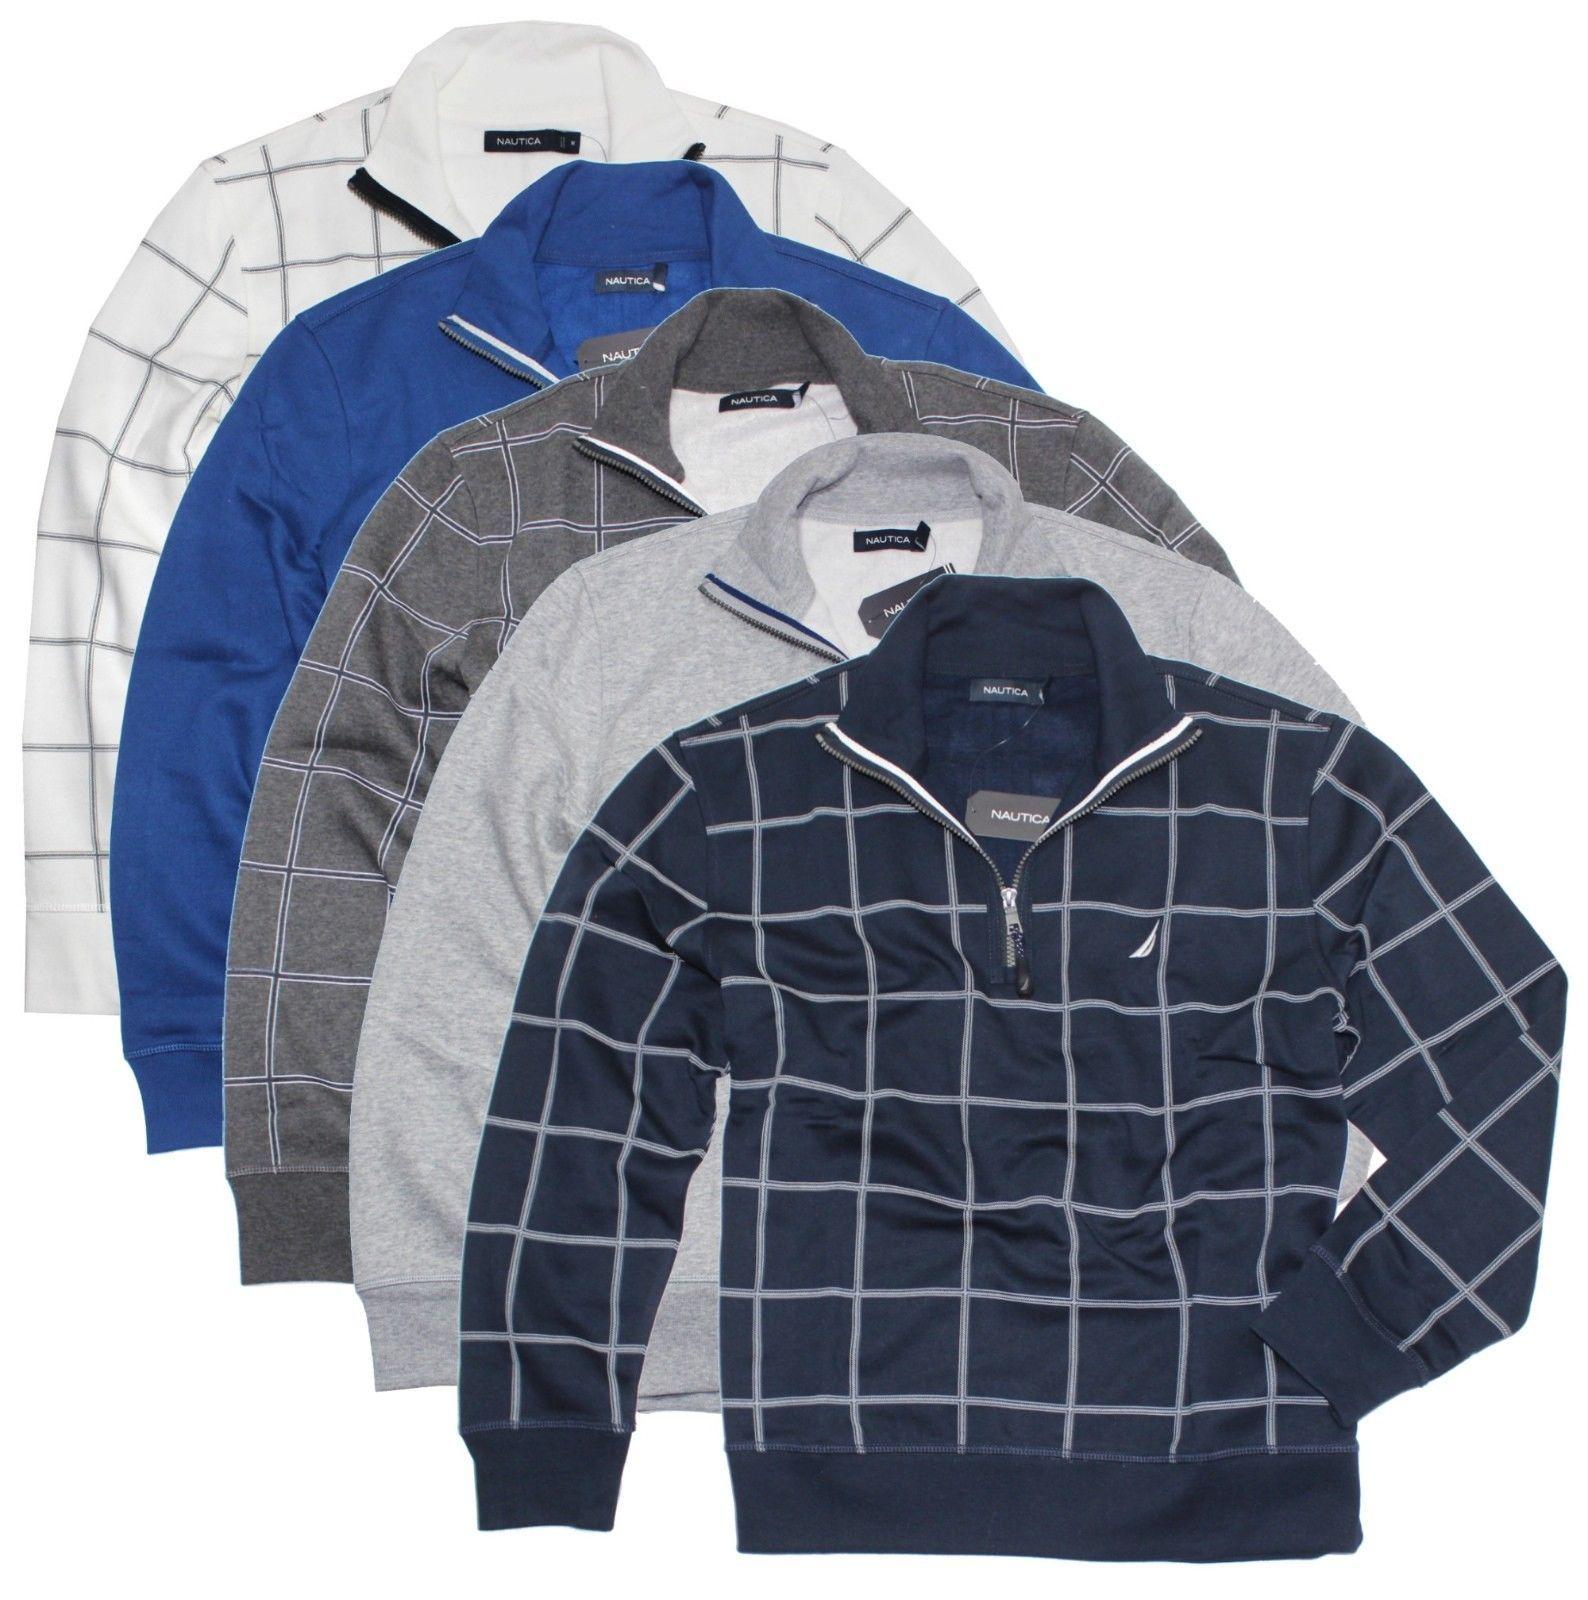 Nautica Men's Half Zip Mock Neck Fleece Heritage Pullover, used for sale  USA